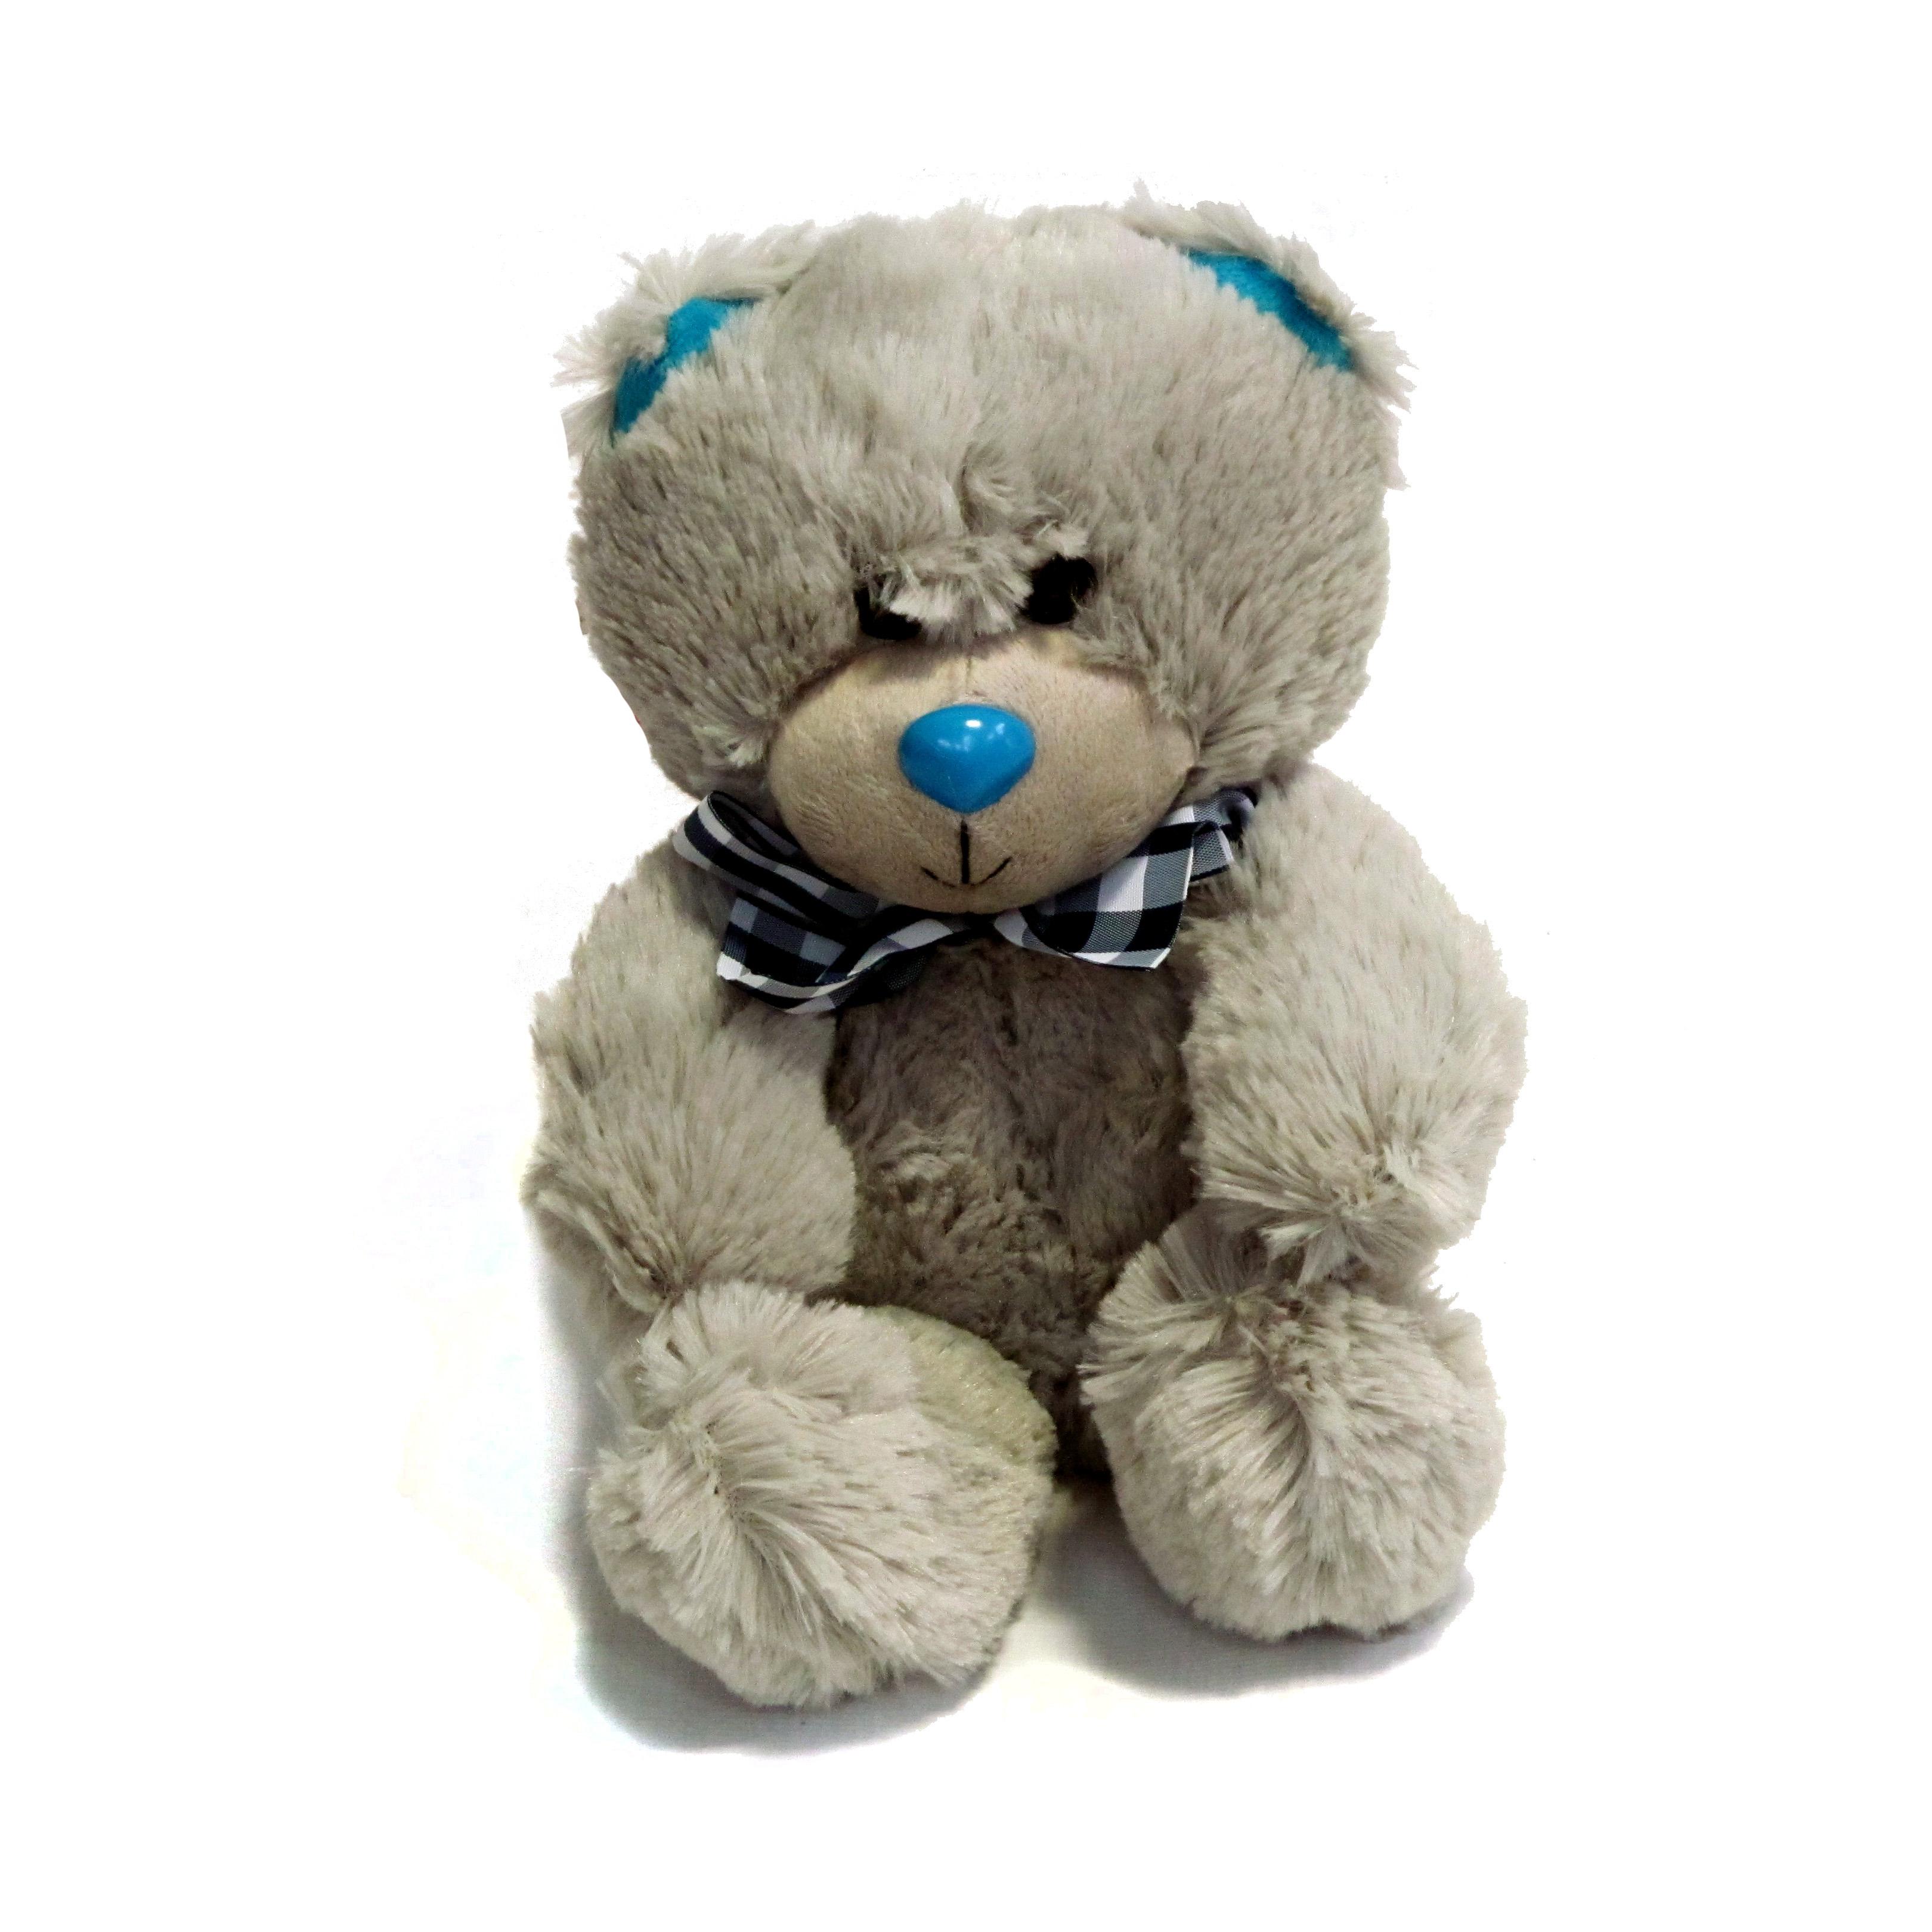 Фото - Мягкая игрушка Dream Makers медведь Сержик 22 см dream makers кукла dream makers мой любимый малыш